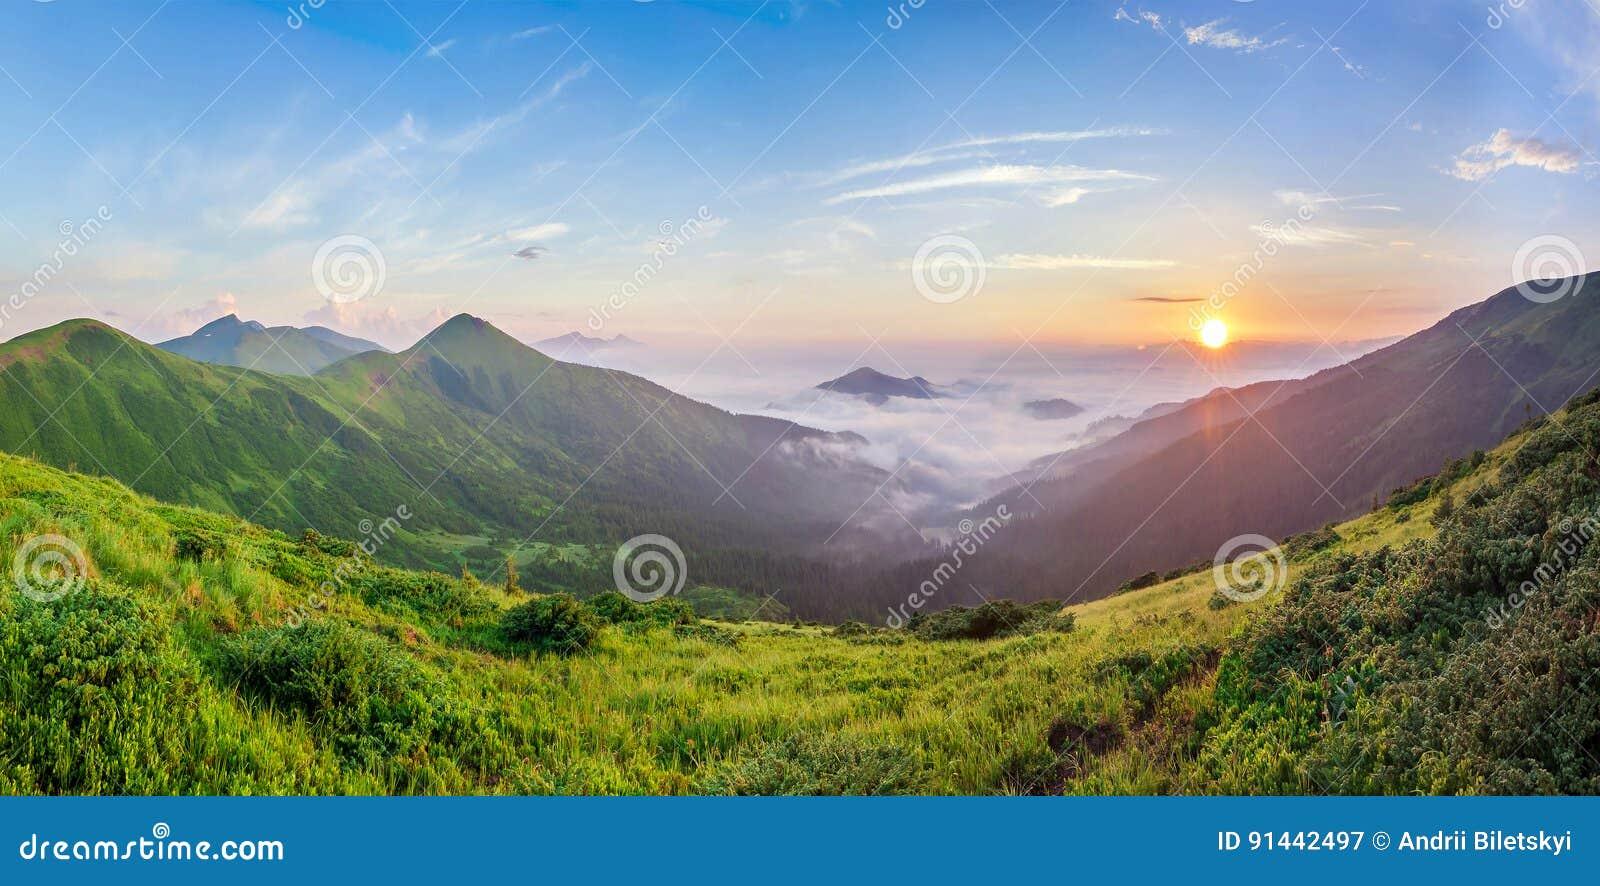 Nascer do sol bonito nas montanhas com névoa branca abaixo do panorama